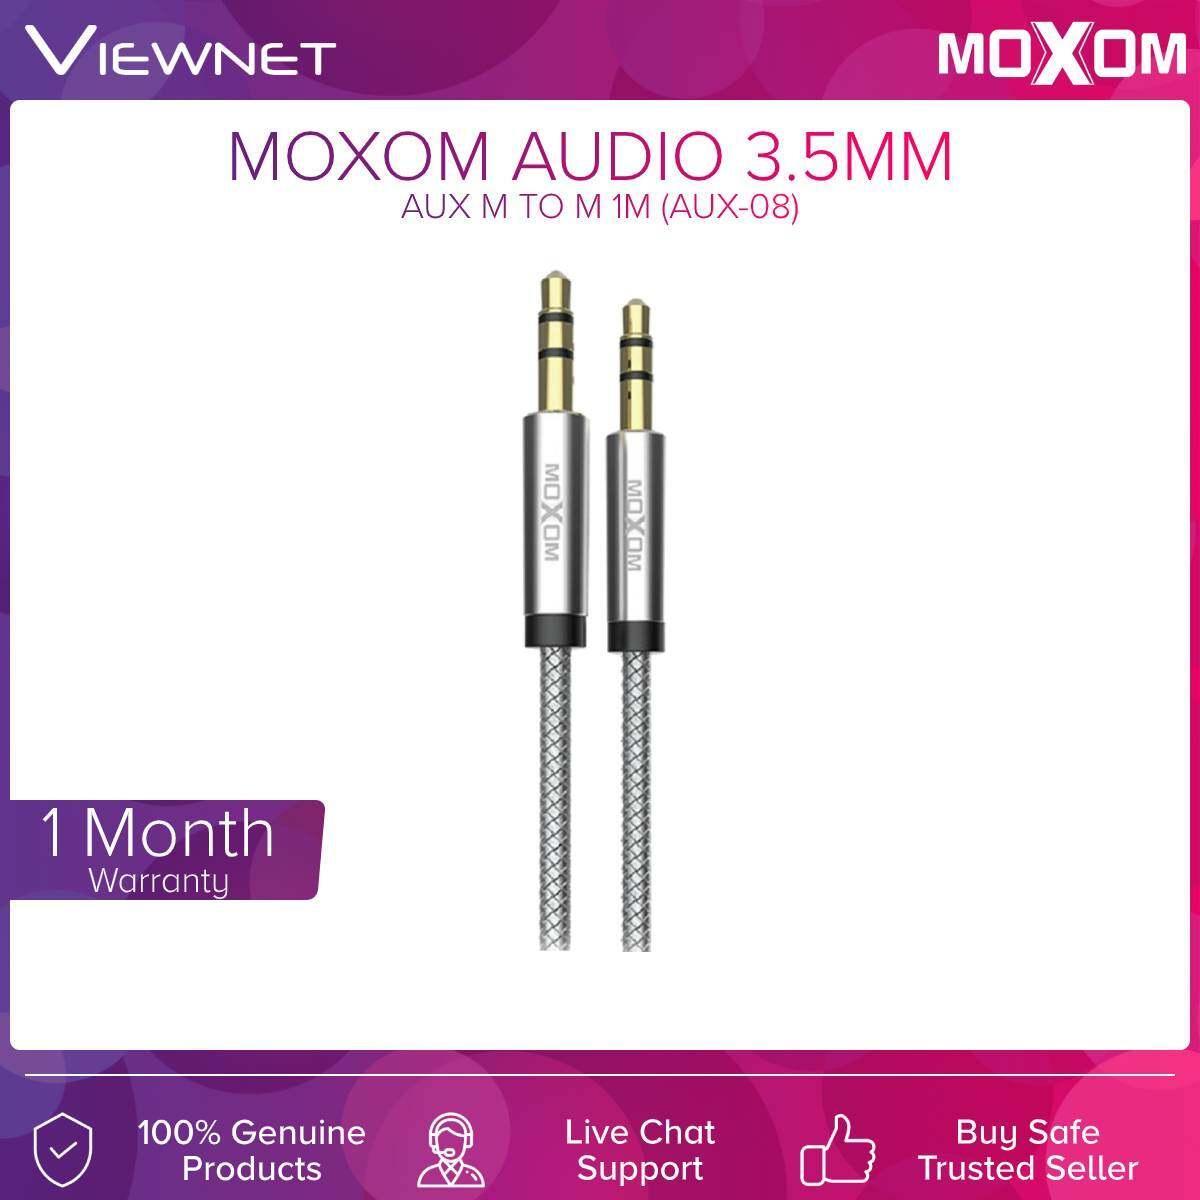 Moxom (AUX-08) Audio 3.5mm Aux Cable 1M (Silver)